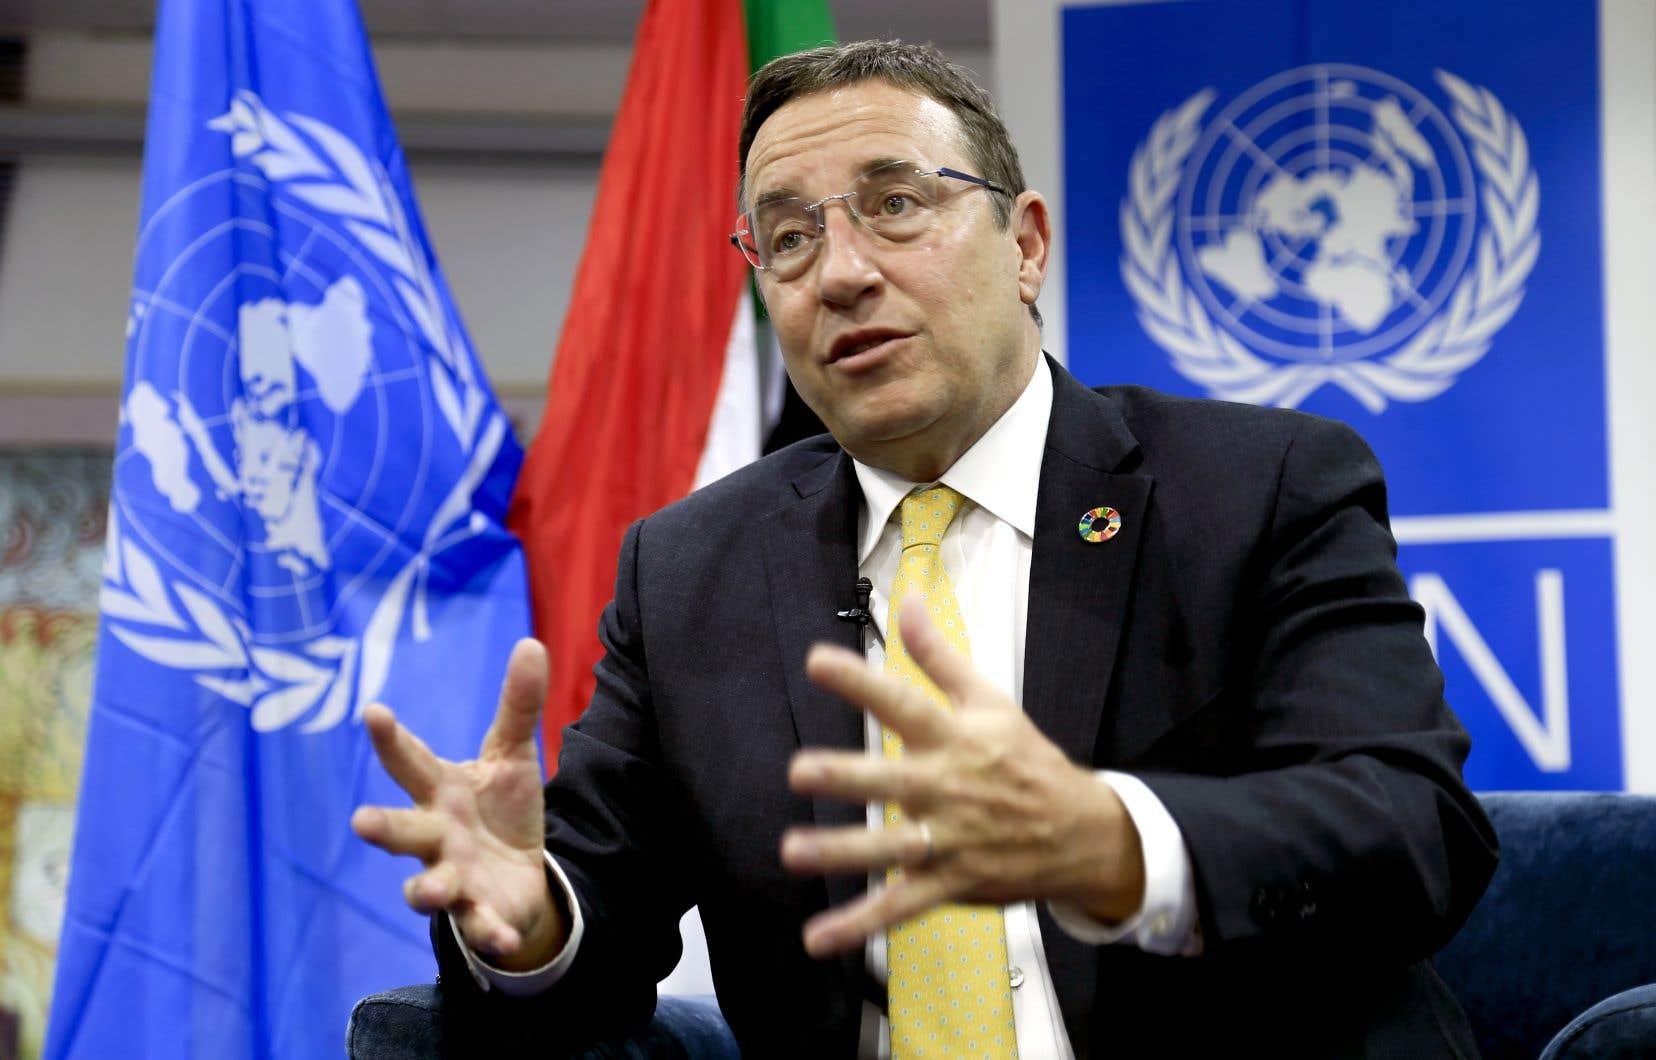 «Les mesures de soutien prises par les gouvernements ont permis d'éviter les pires dommages économiques, mais malgré cela, de nombreuses entreprises vont continuer d'avoir d'importantes difficultés», souligne Achim Steiner, administrateur du Programme des Nations unies pour le développement.